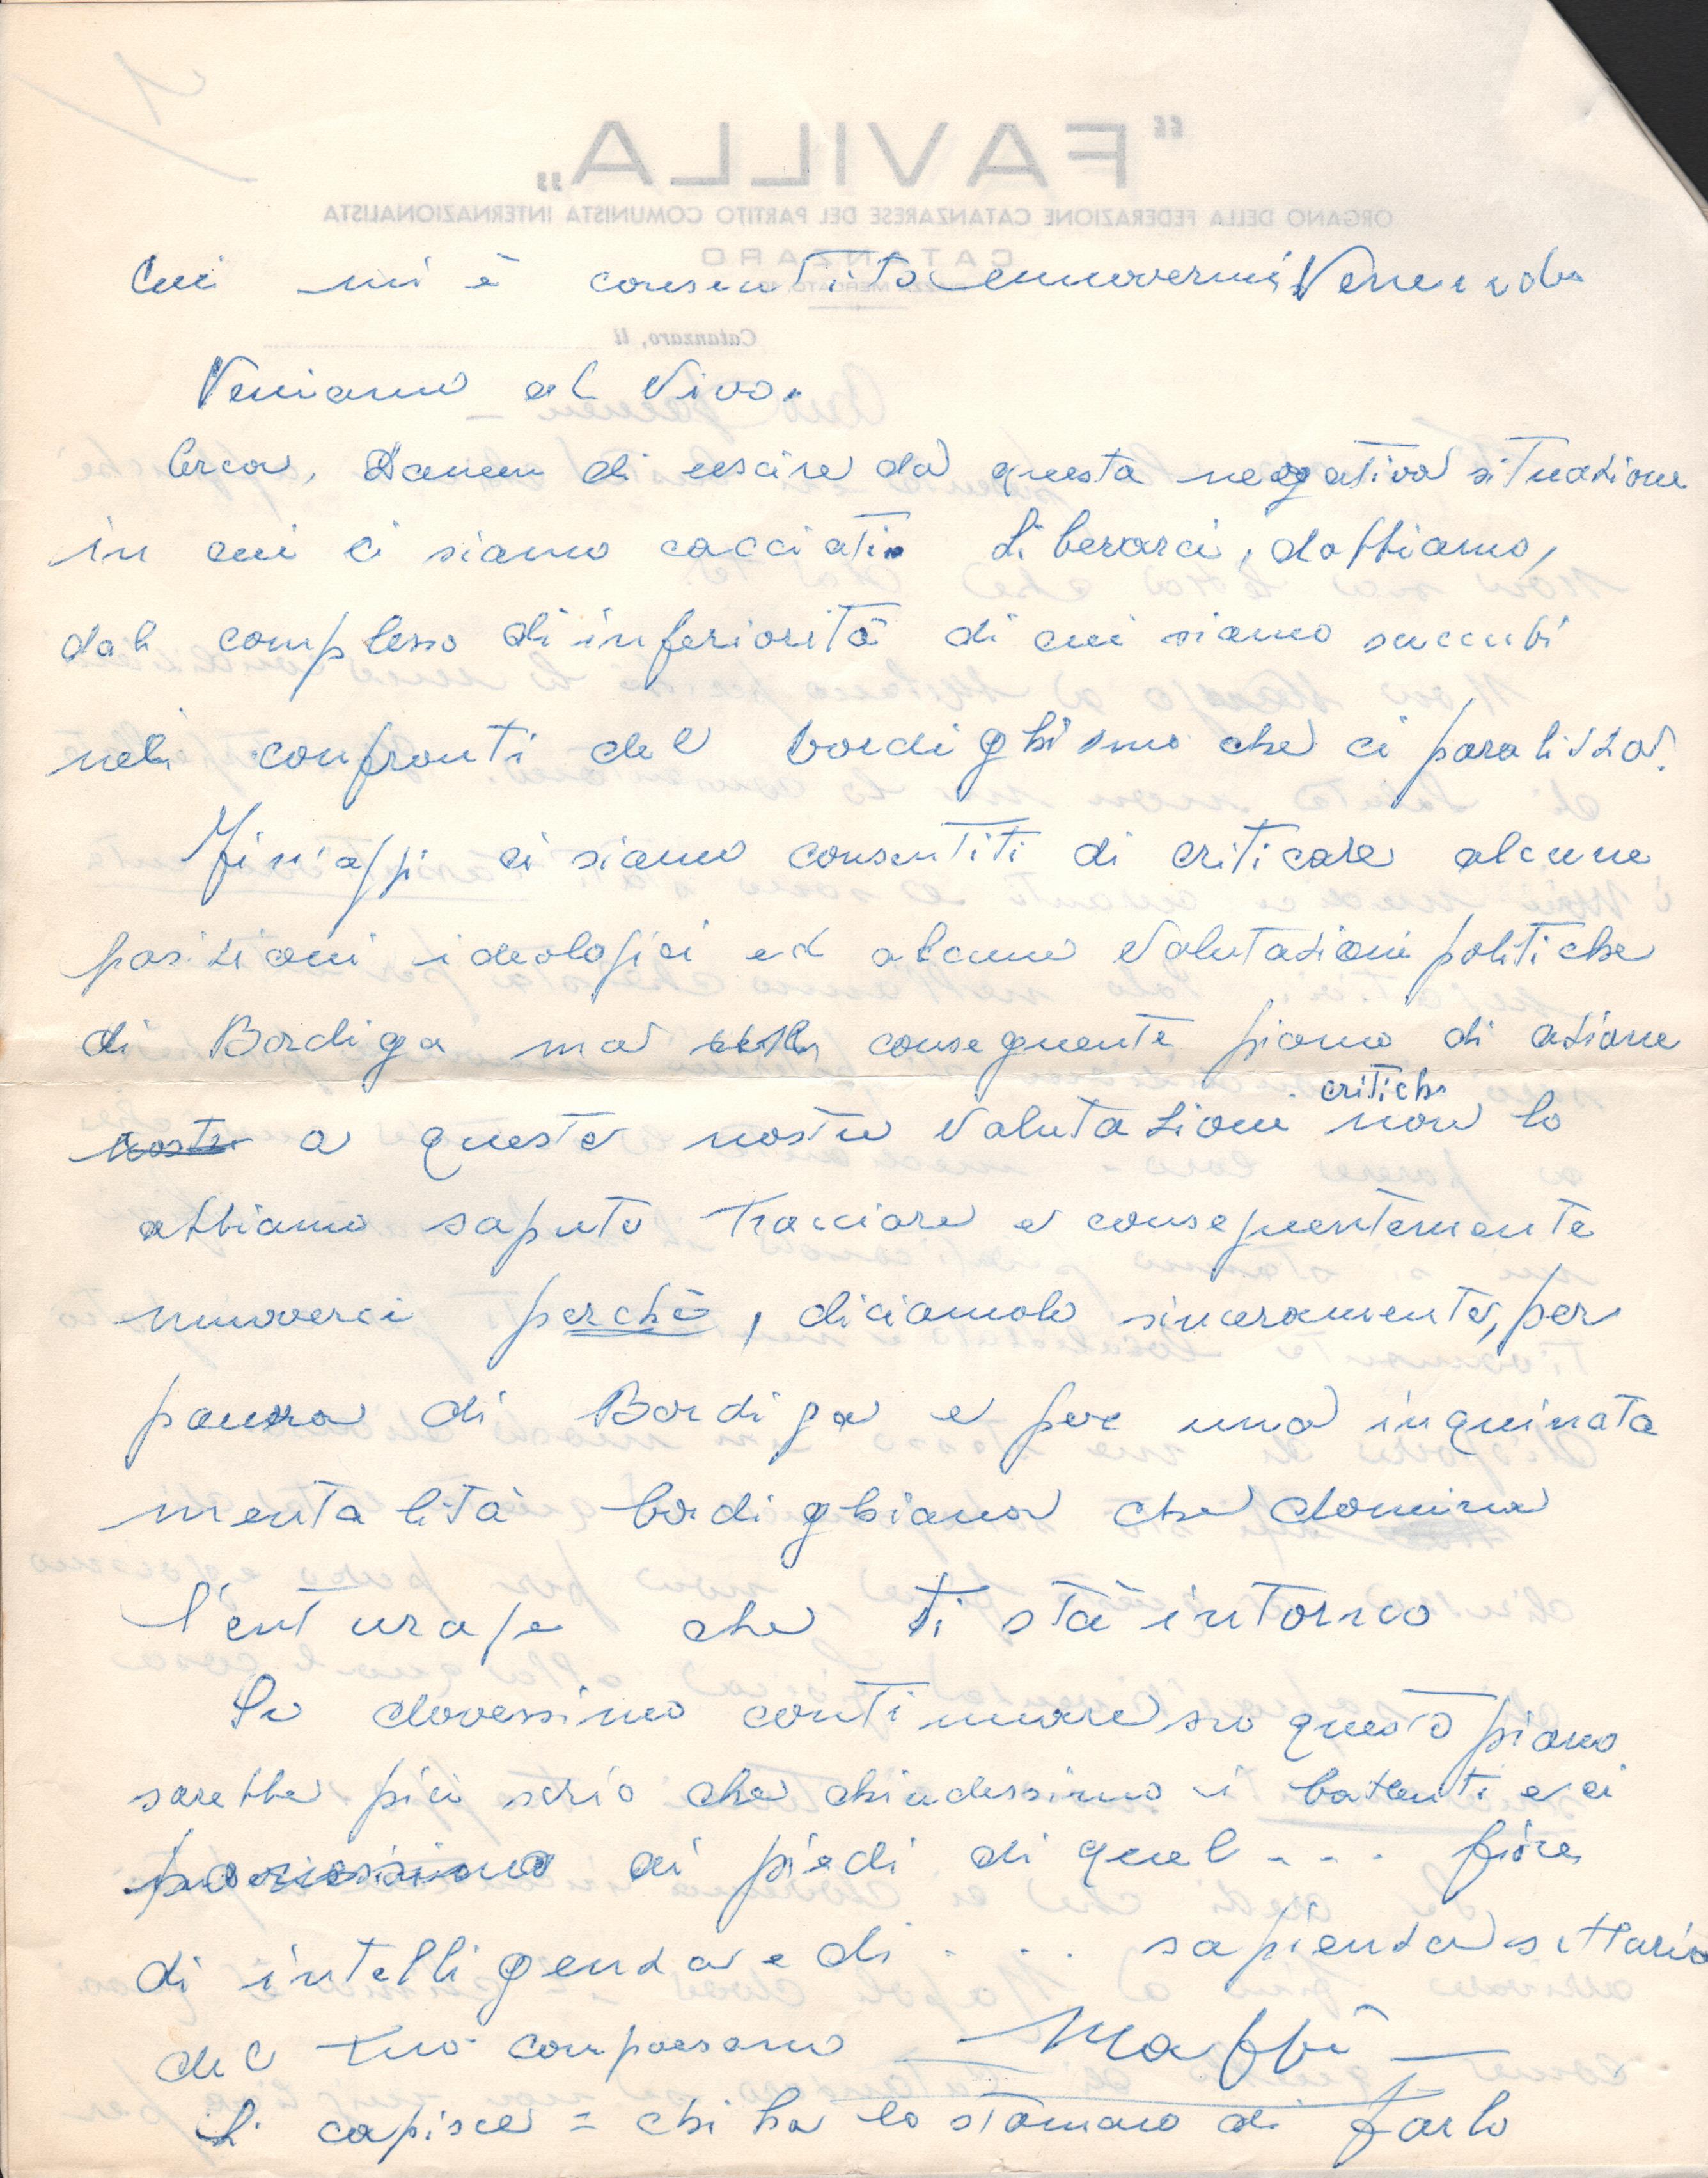 Lettere di Maruca - pag. 02